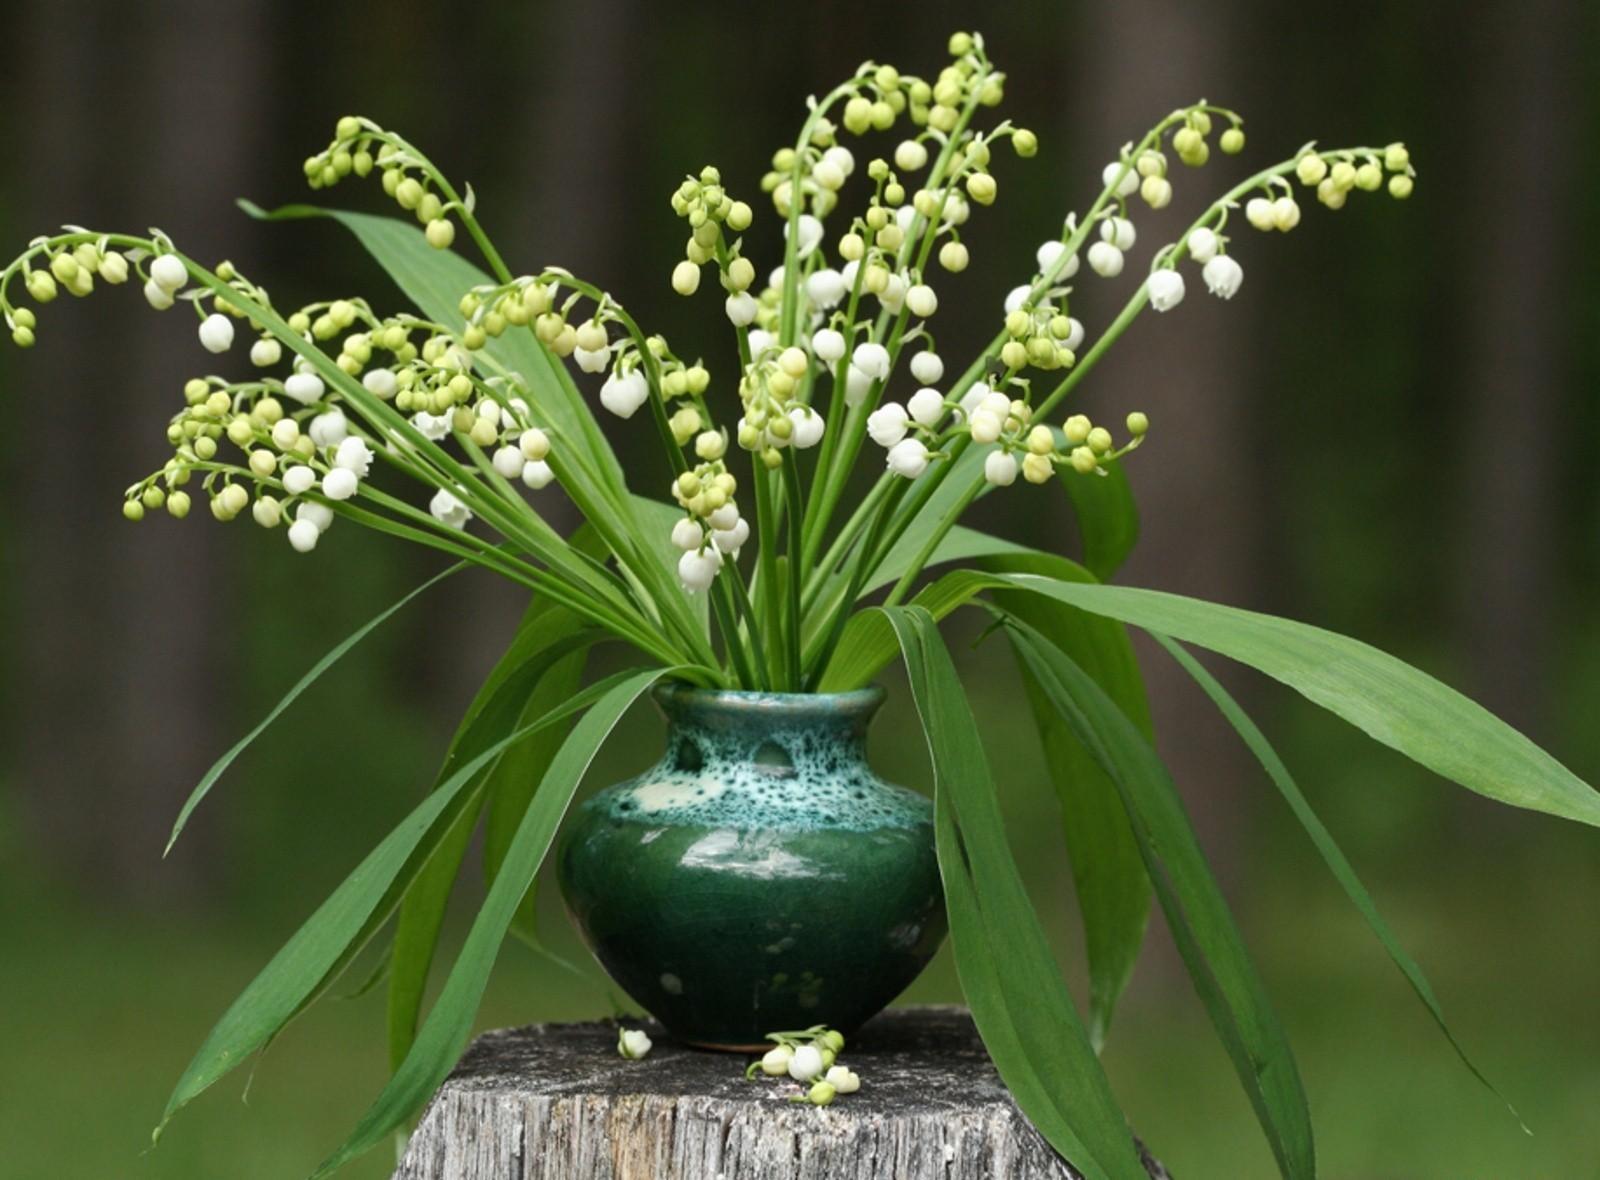 81915 Hintergrundbild herunterladen Blumen, Blätter, Maiglöckchen, Strauß, Bouquet, Vase, Stumpf, Penek, Primeln, Primrosen - Bildschirmschoner und Bilder kostenlos